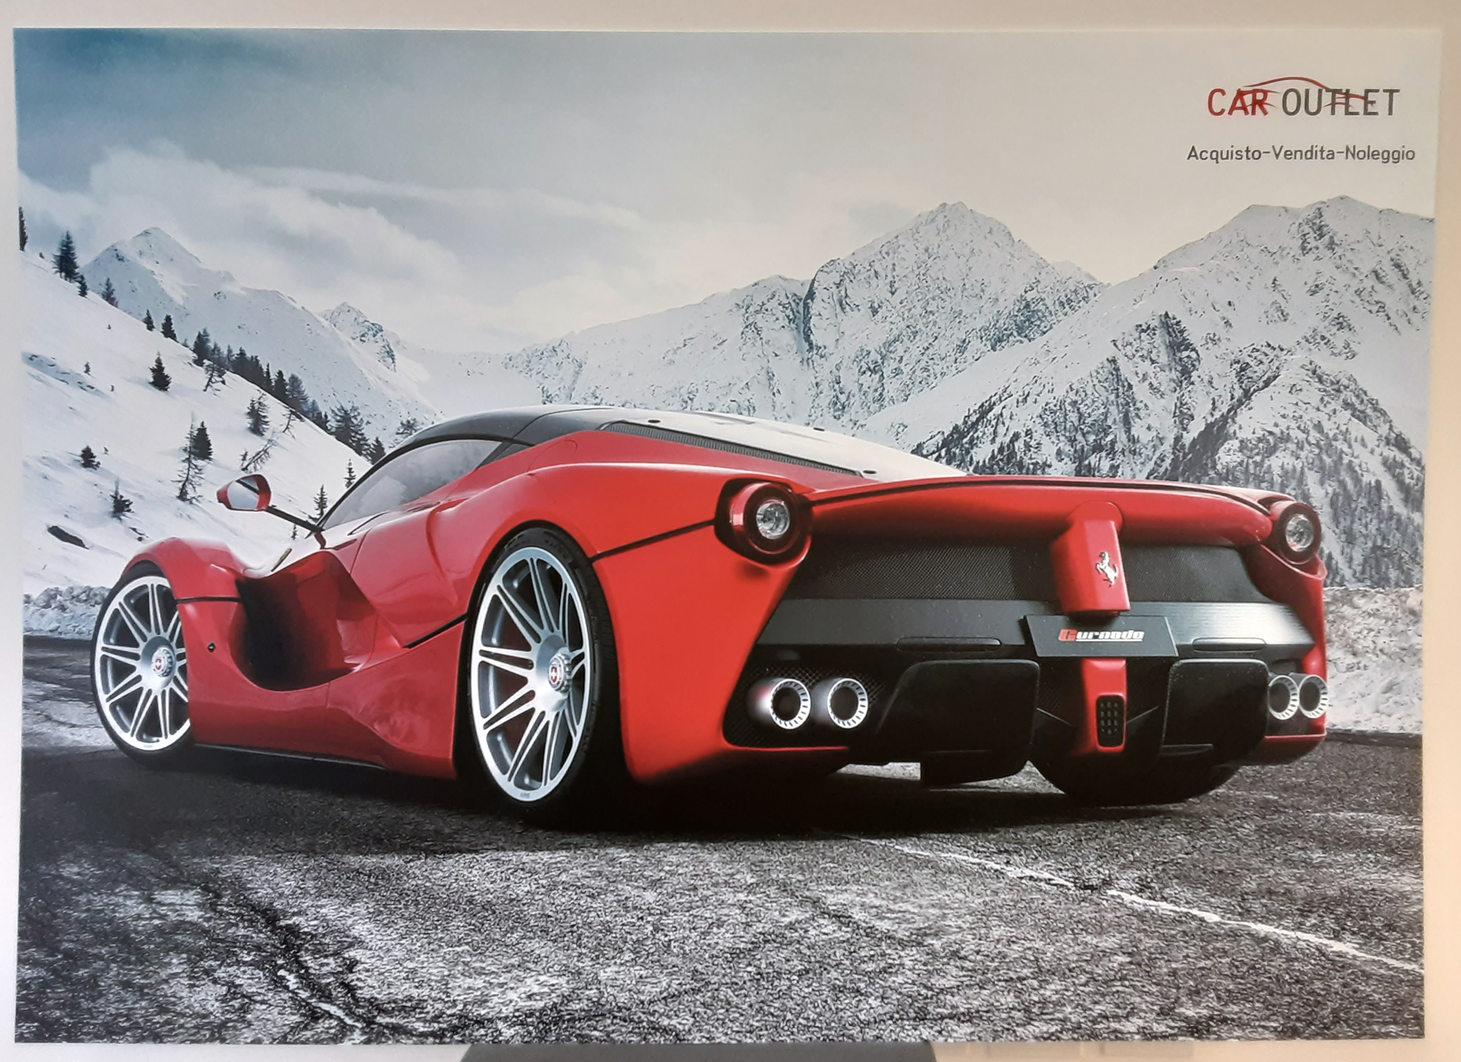 Grafica e realizzazione Pannello in forex 5mm Car Outlet formato 140x100 cm